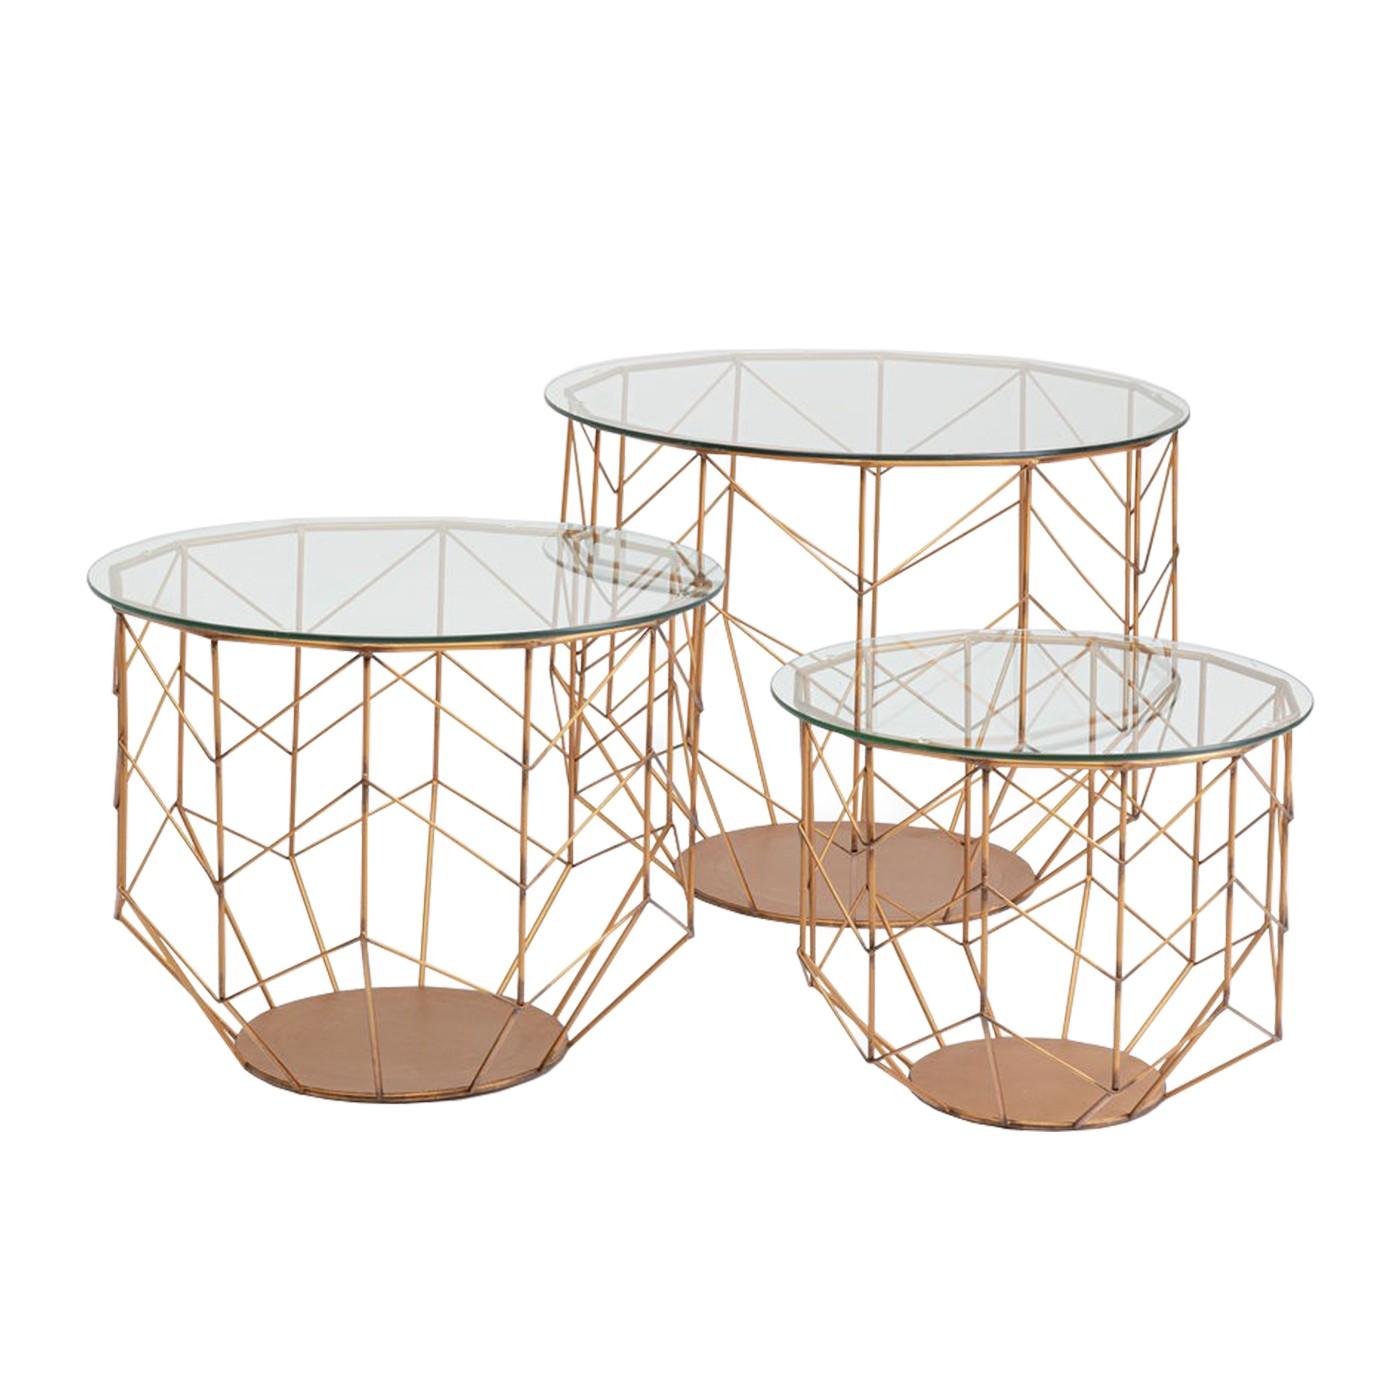 3 tables basses rondes en acier cuivré et verre